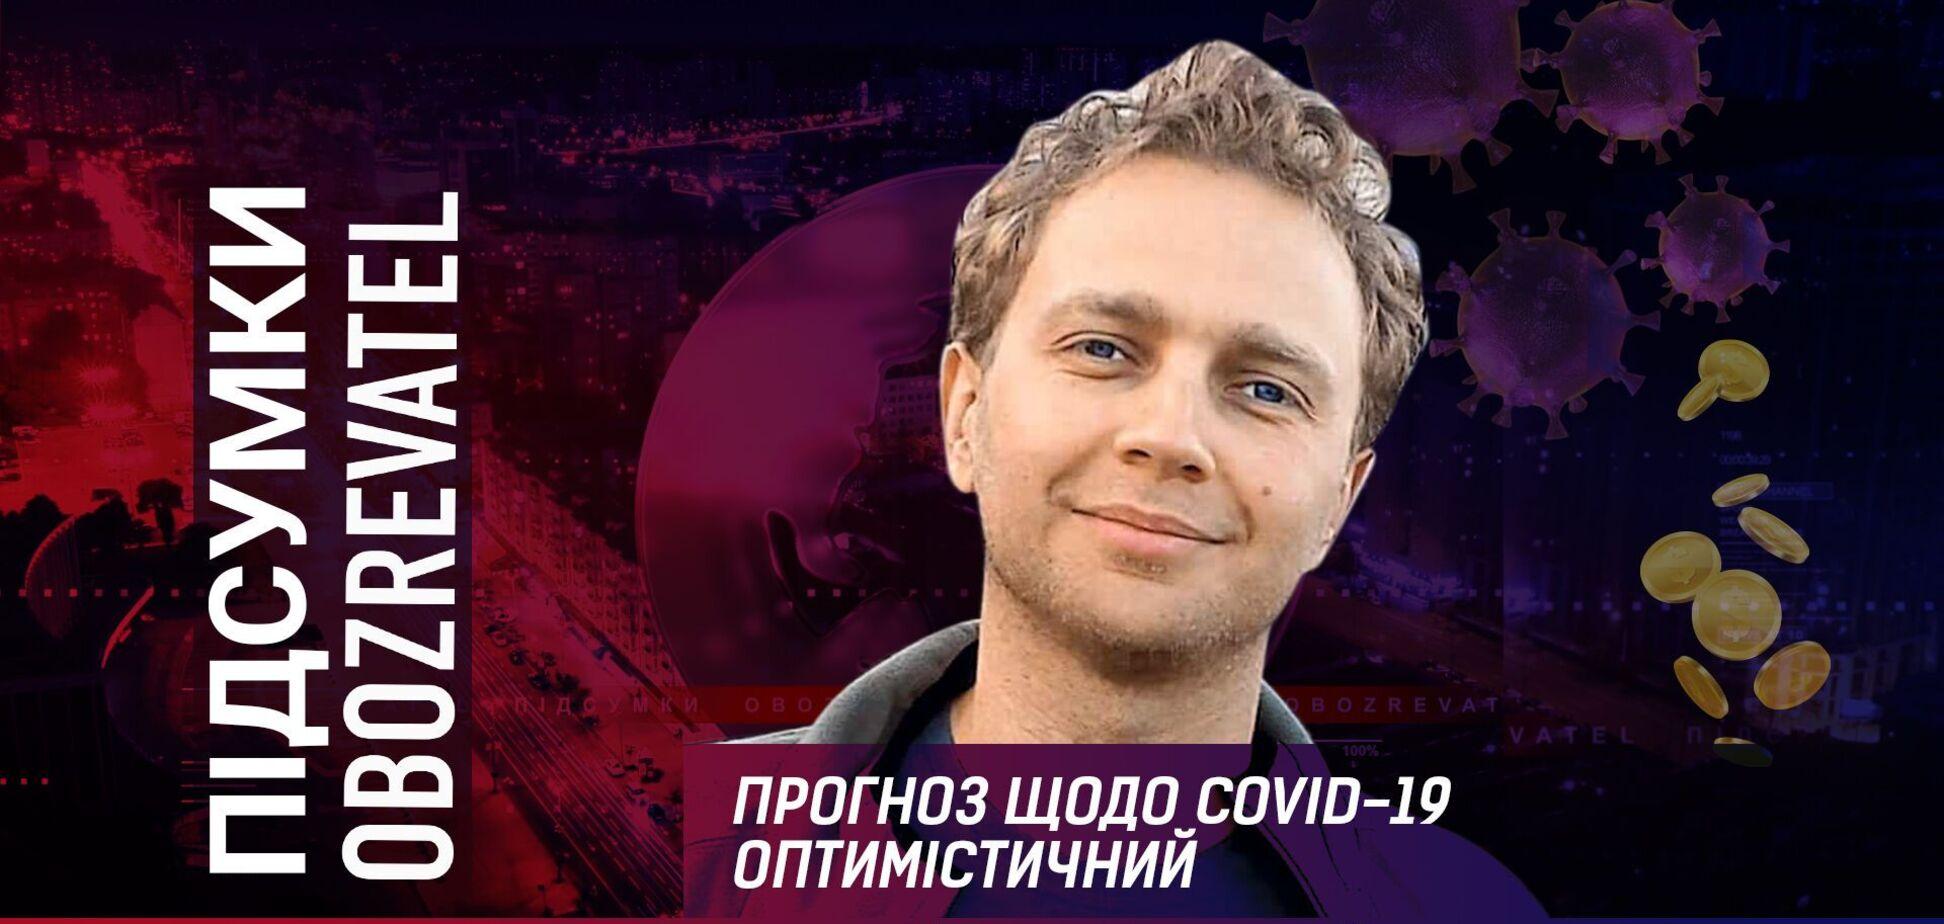 Прогноз по COVID-19 оптимистичный, – врач Донской